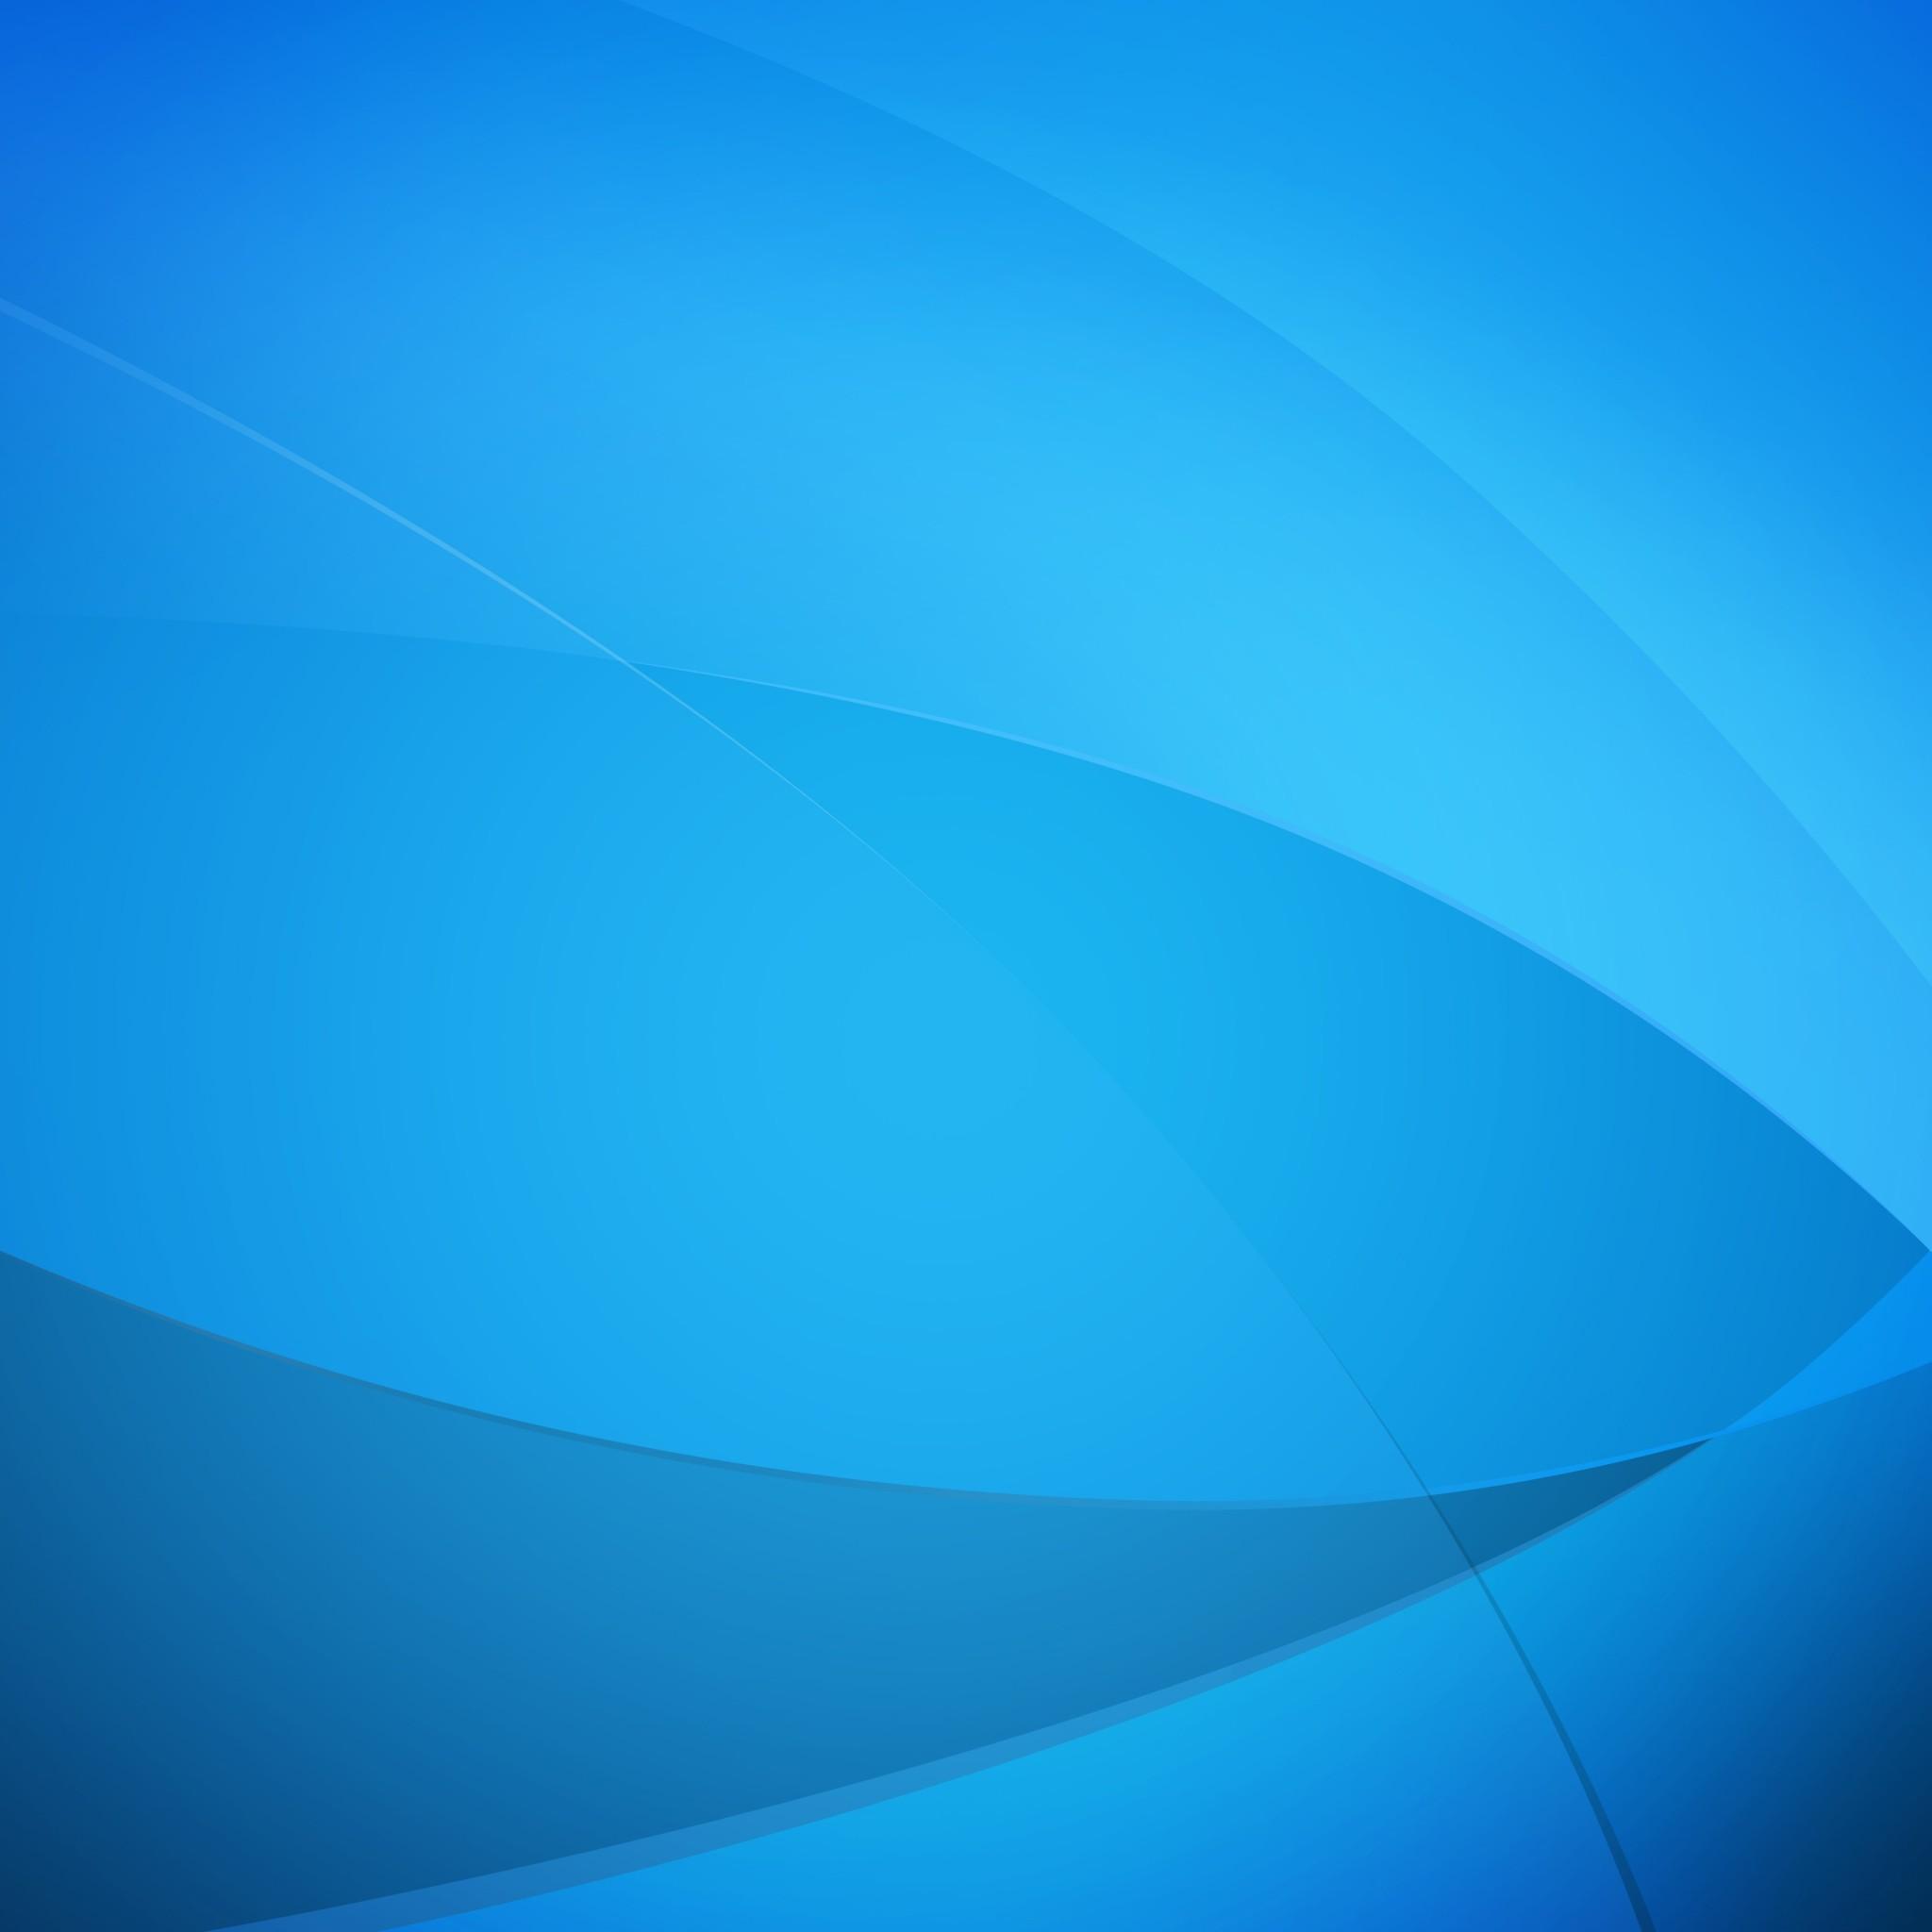 Blue Color wallpaper 2048x2048